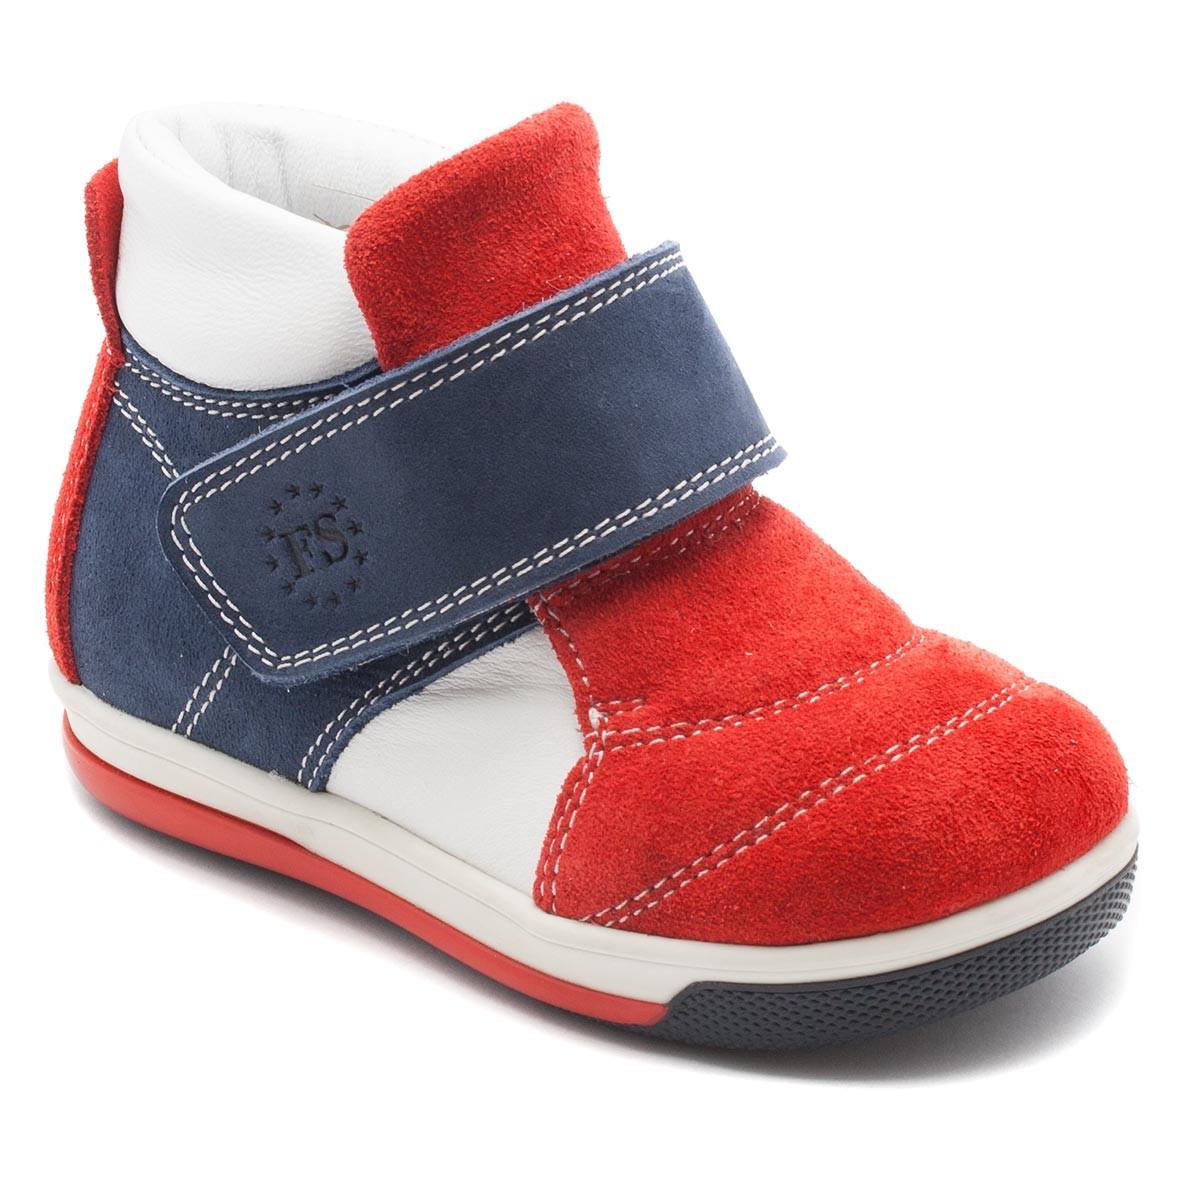 Кожаные, демисезонные  ботинки FS Сollection для мальчика, размер 21-30